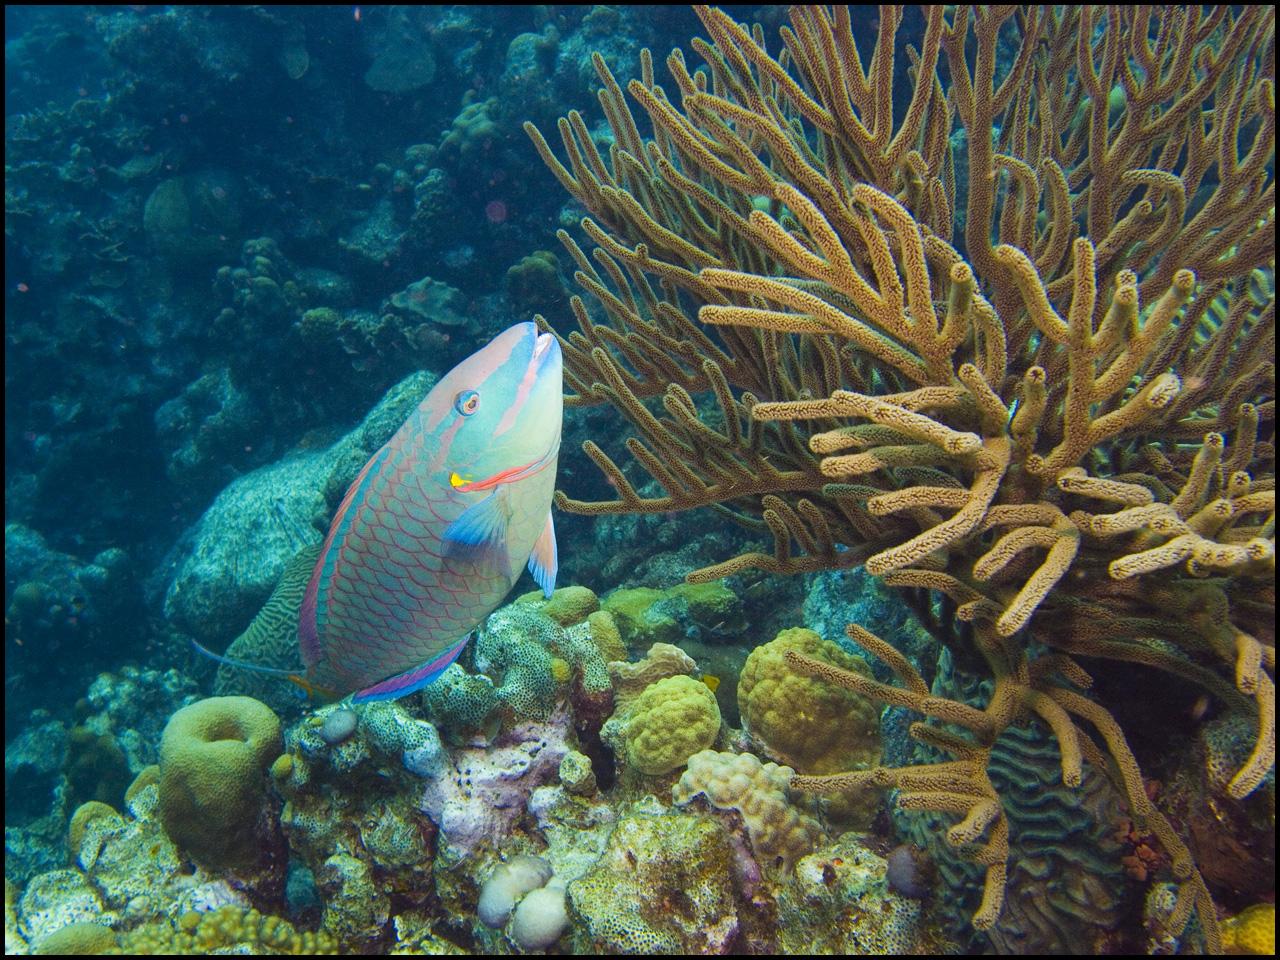 Un poisson-perroquet, espèce très importante pour la santé de nos récifs. Crédit : Waywuwei